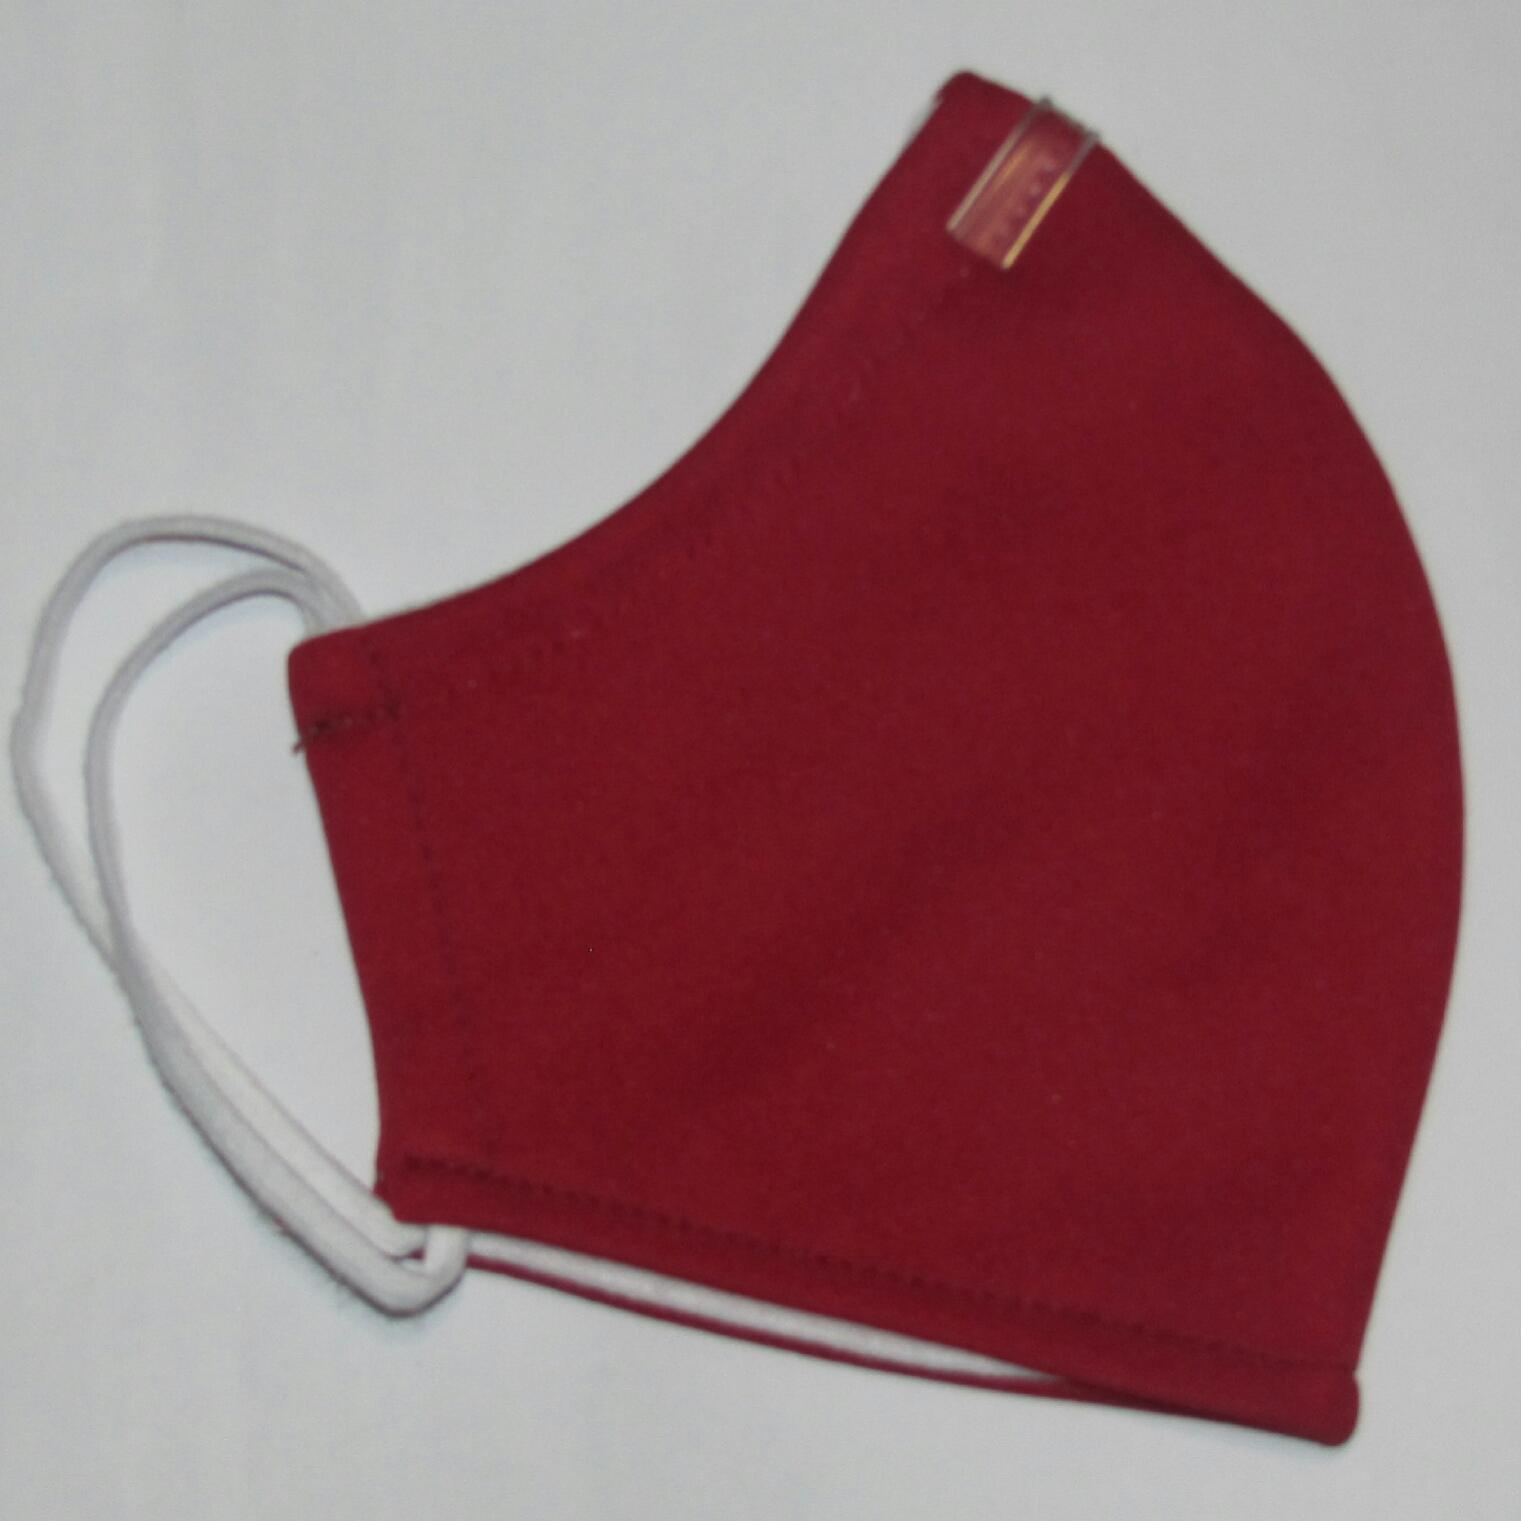 ماسک پارچه ای مدل mgh1 main 1 5